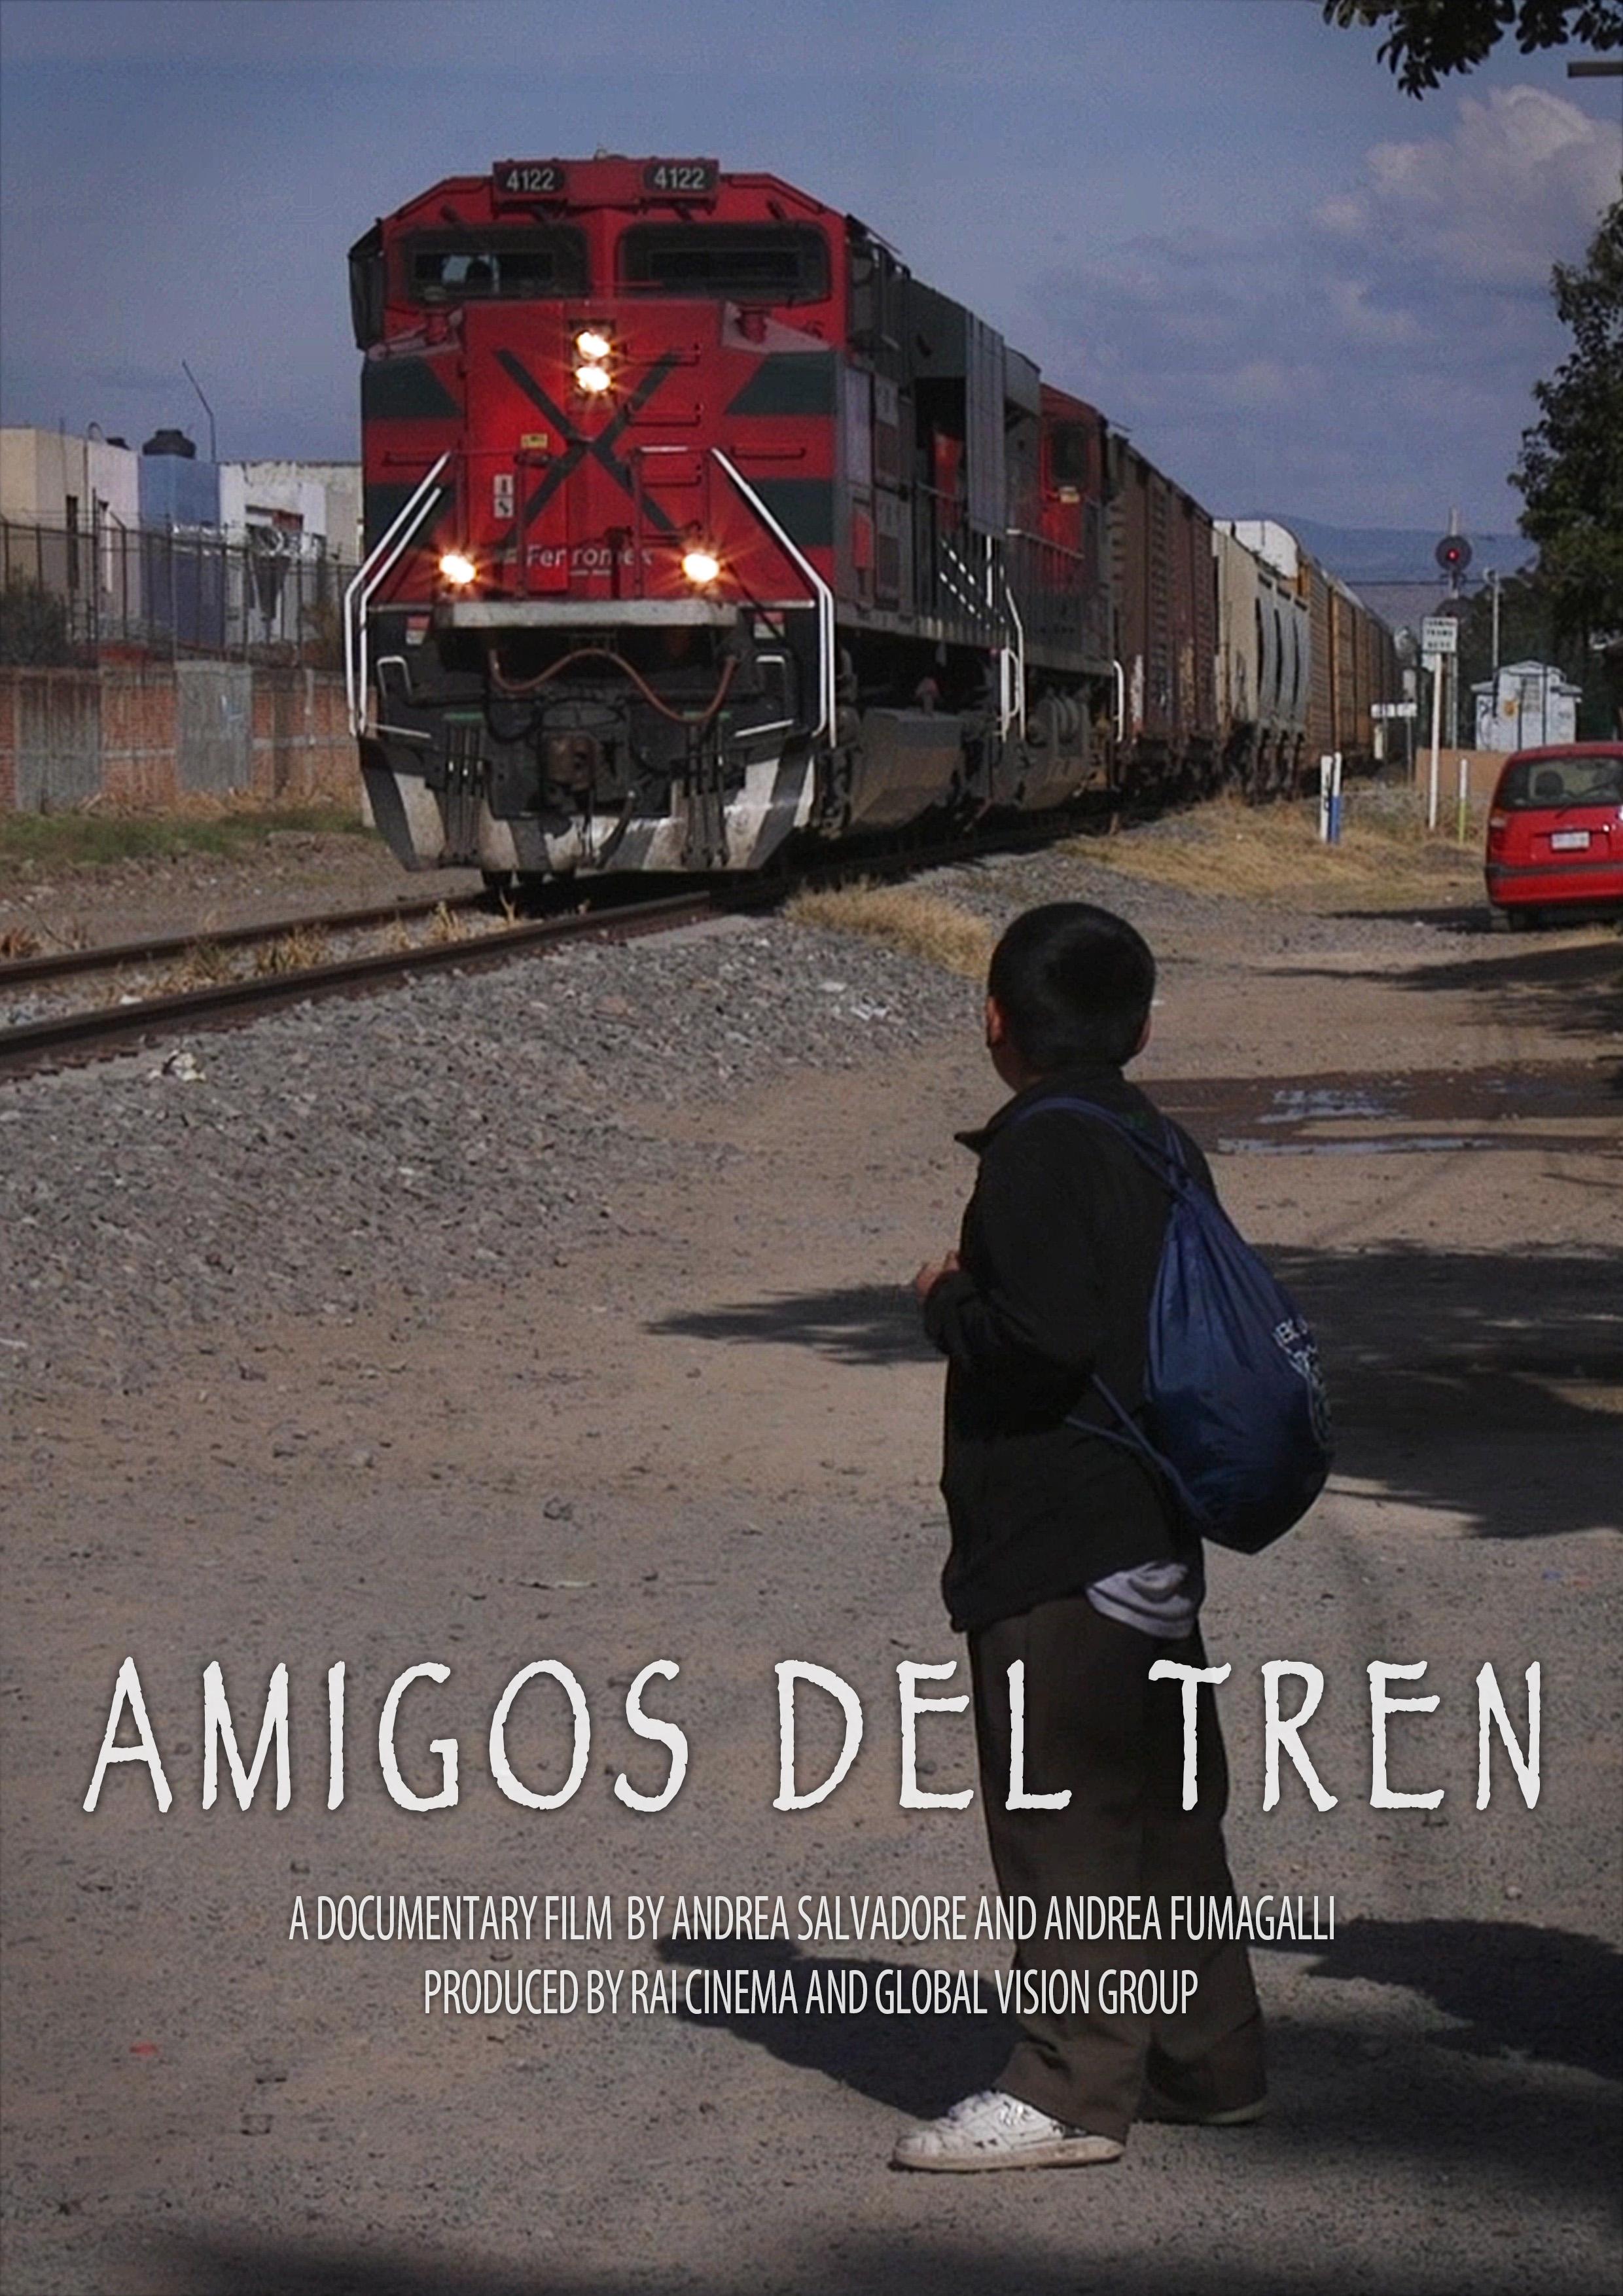 amigos_del_tren